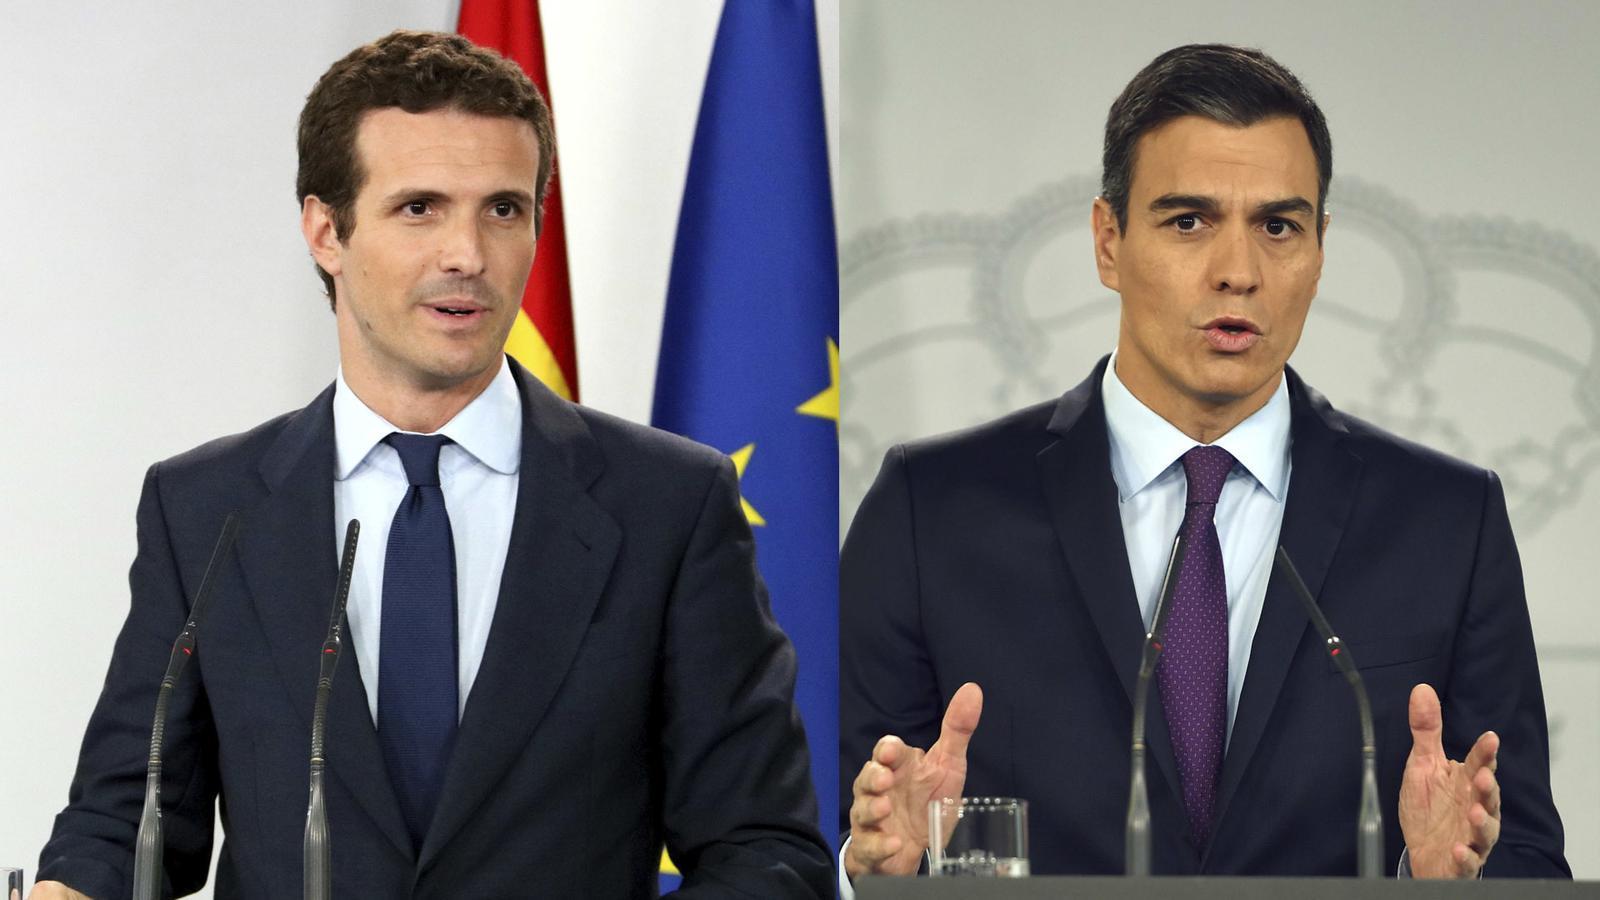 """L'anàlisi d'Antoni Bassas: '""""Españoles de bien"""" i mals espanyols'"""